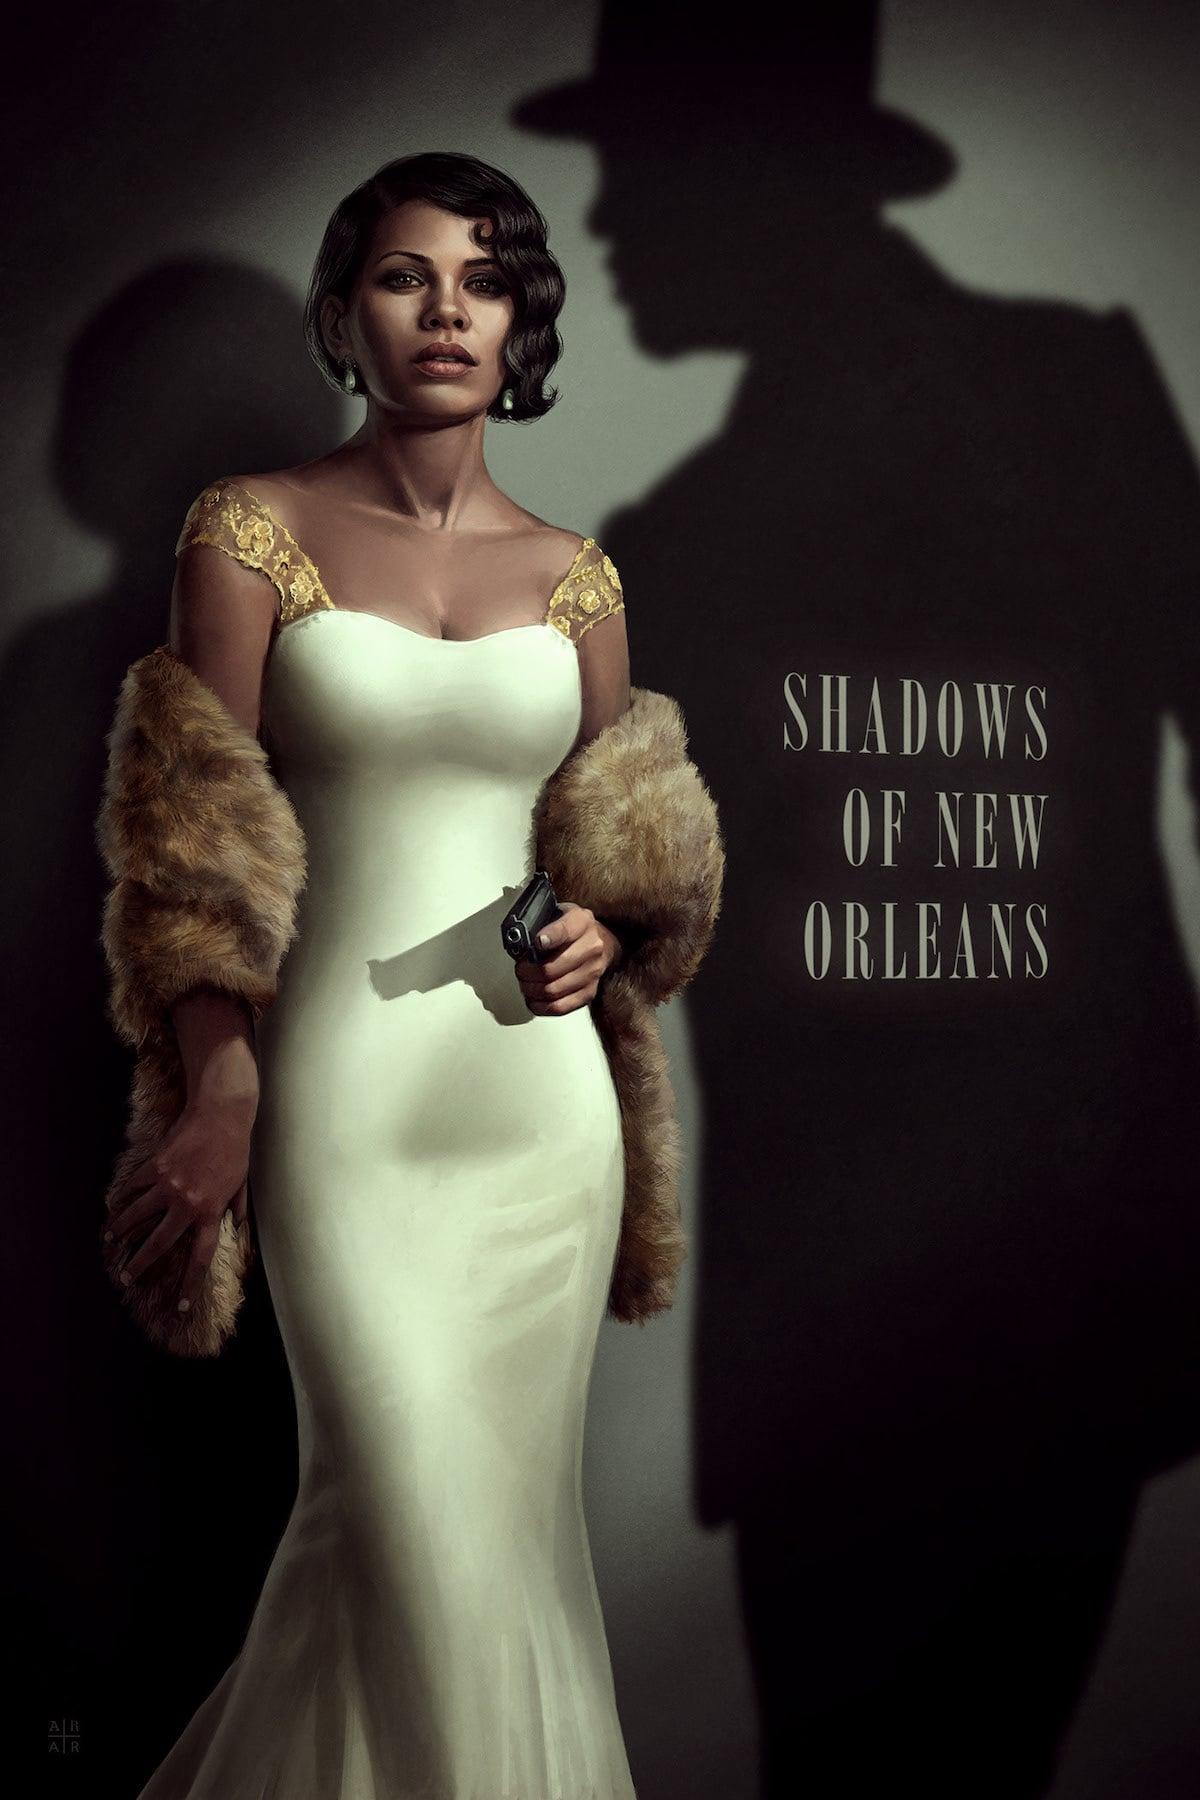 Princesas de Disney Reimaginadas como Cine Negro por Astor Alexander Ilsutración Digital